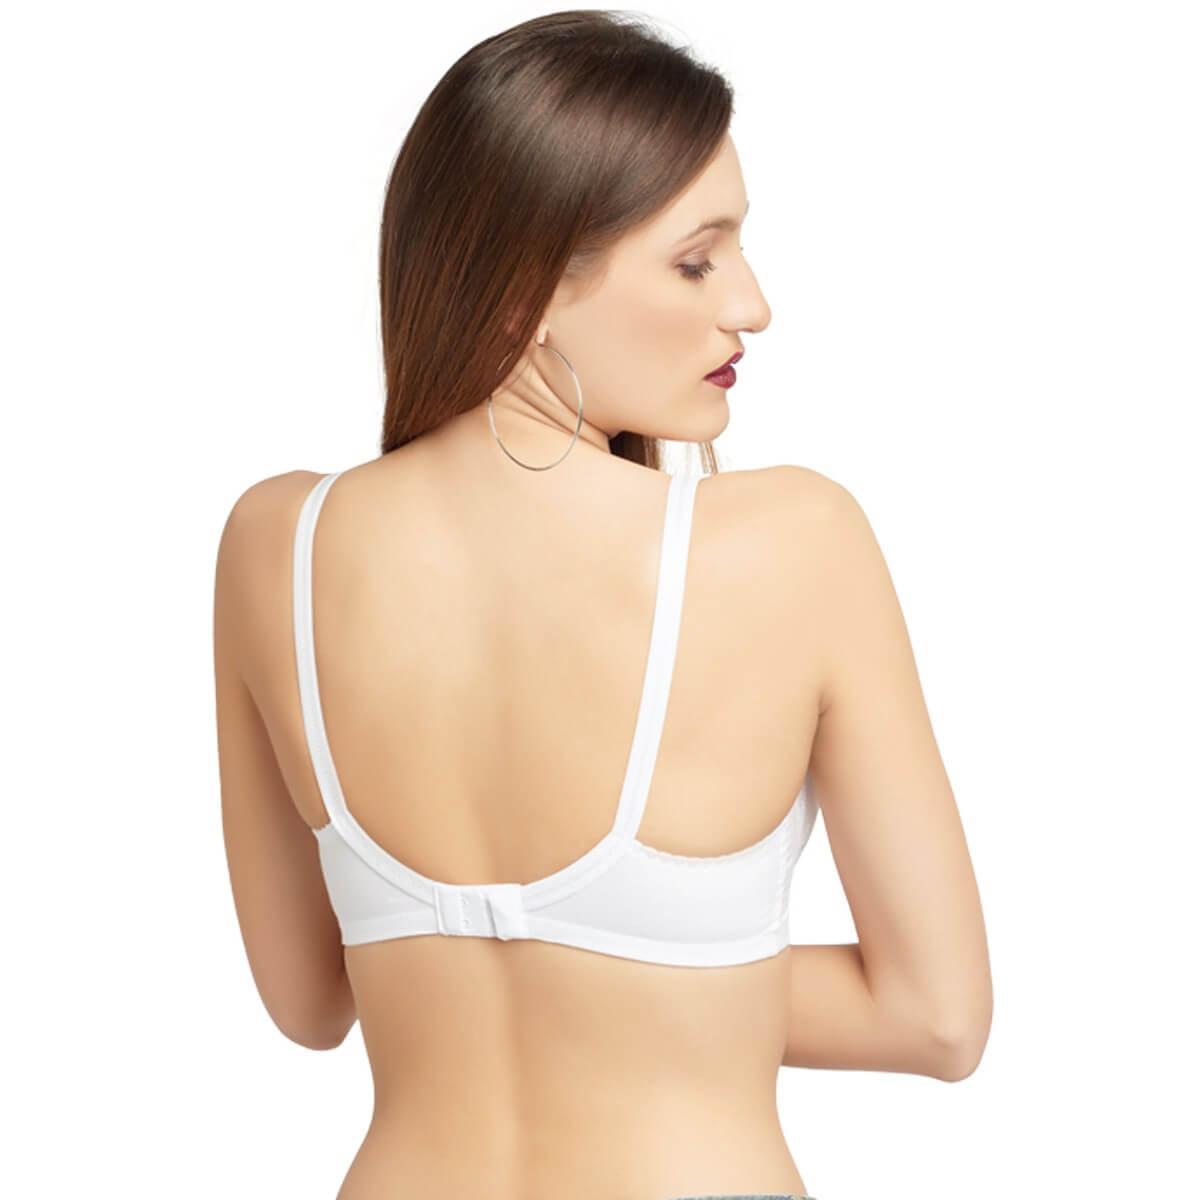 fa5fa93f4e071 Daisy Dee 100% Cotton Cut   Sew Full Coverage WHITE Bra- SPECIAL MOODS  CHARISHMA - WHITE